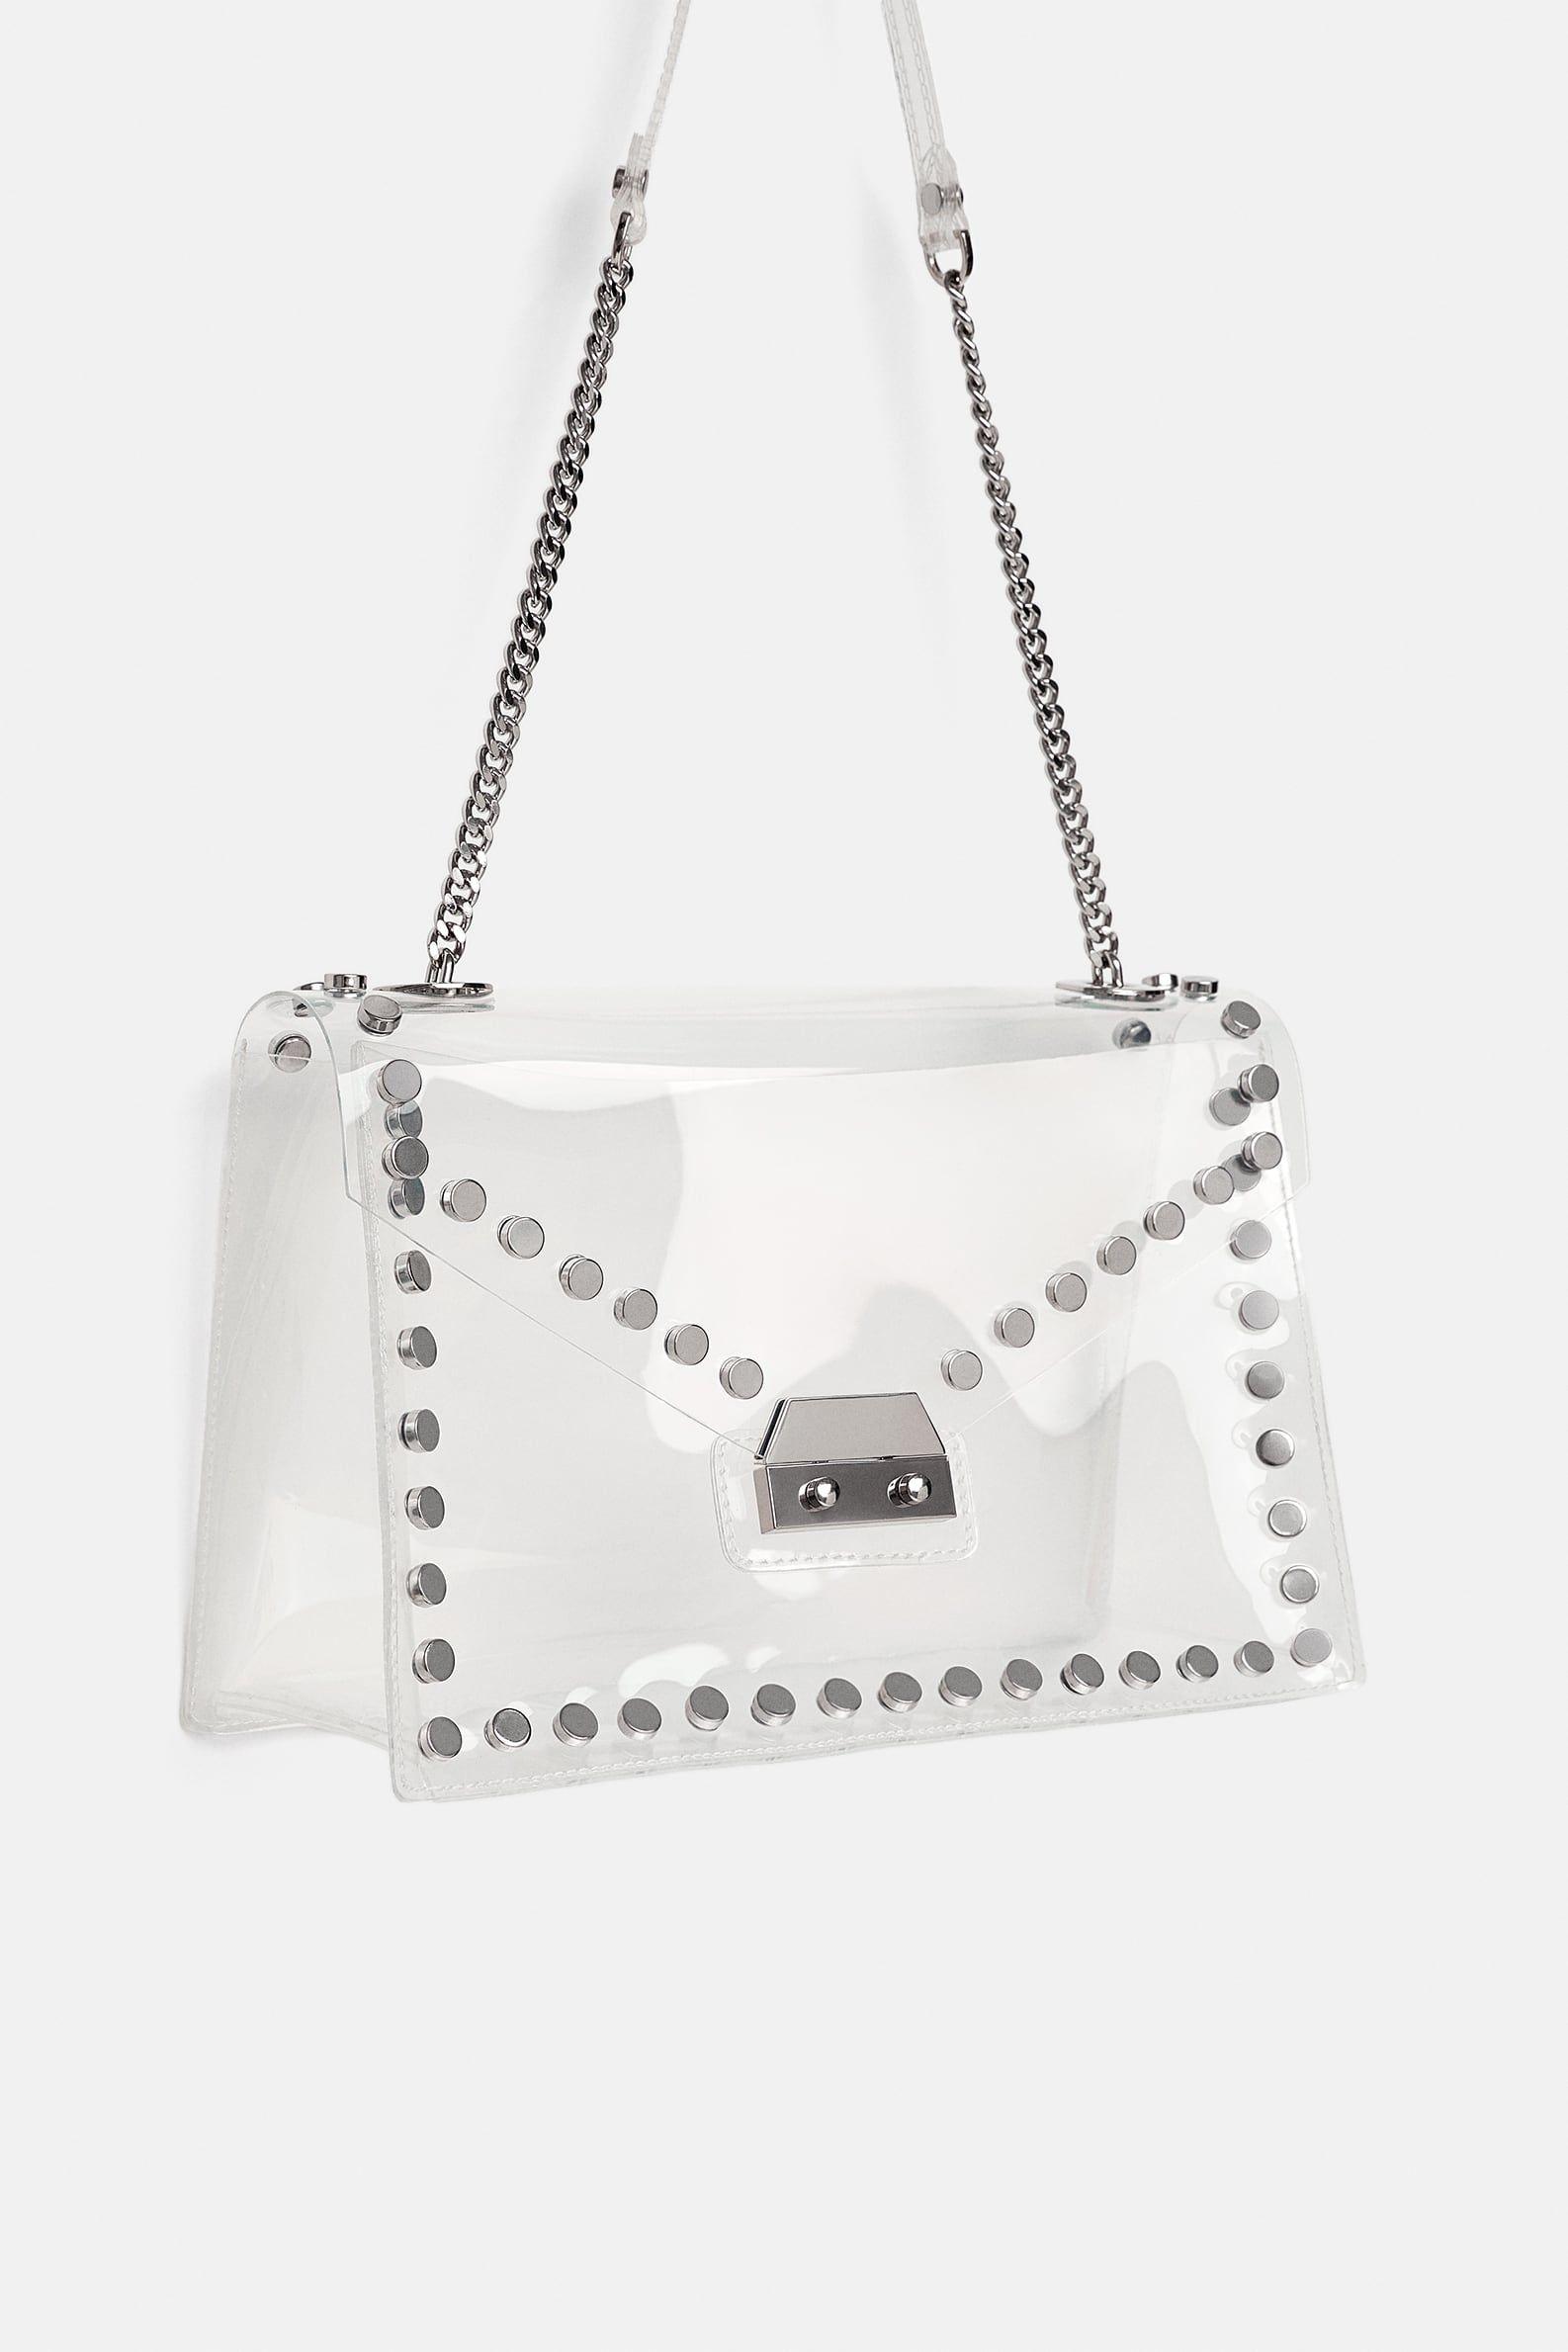 670ab68afdbda Image 1 of STUDDED VINYL CROSSBODY BAG from Zara | fashion vibez ...